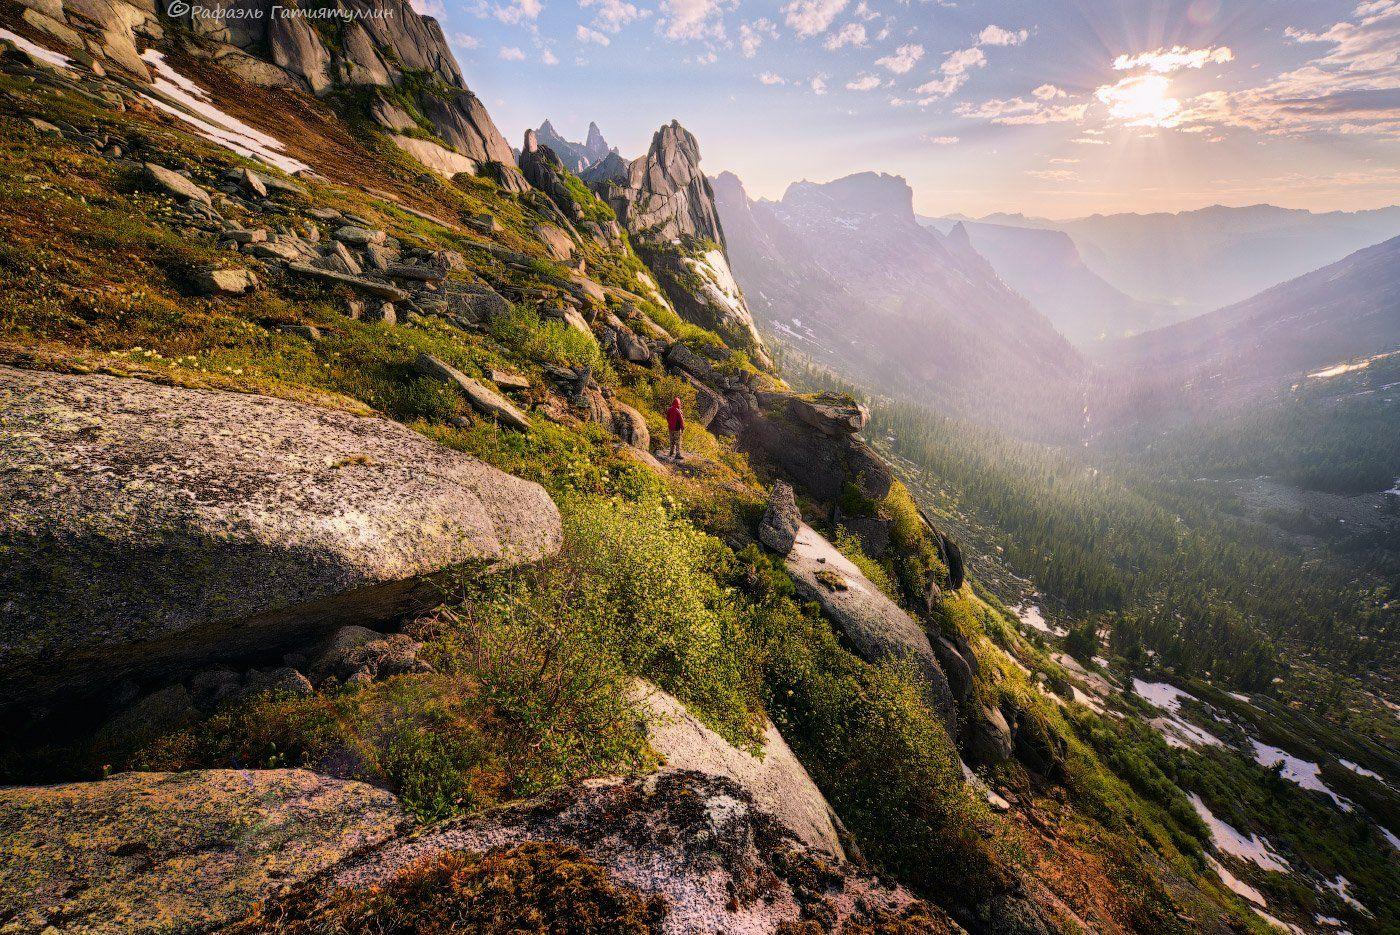 западные саяны, красноярский край, национальный парк ергаки, тайгиш, перевал, горы., Рафаэль Гатиятуллин